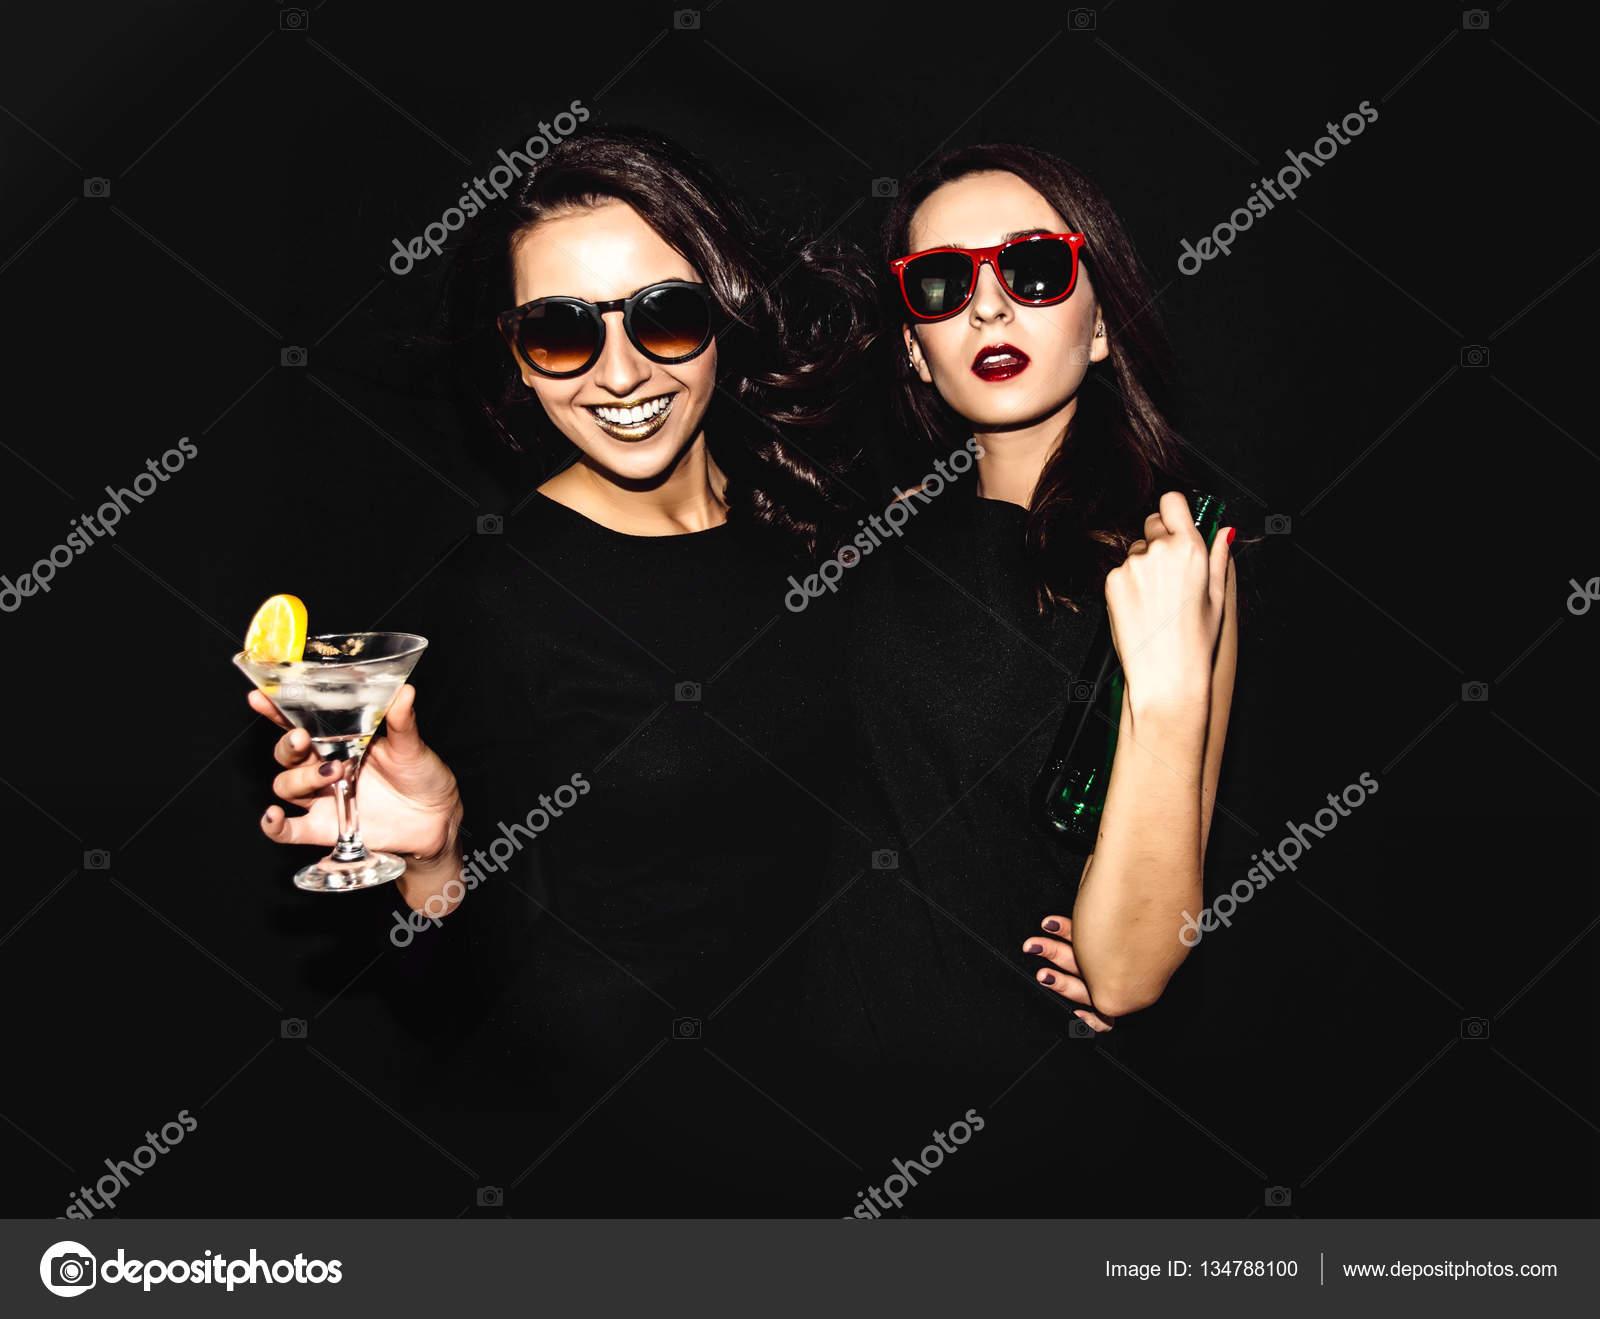 a91322faf2 Due belle donne in nero notte moda vestito in posa isolato su sfondo ...